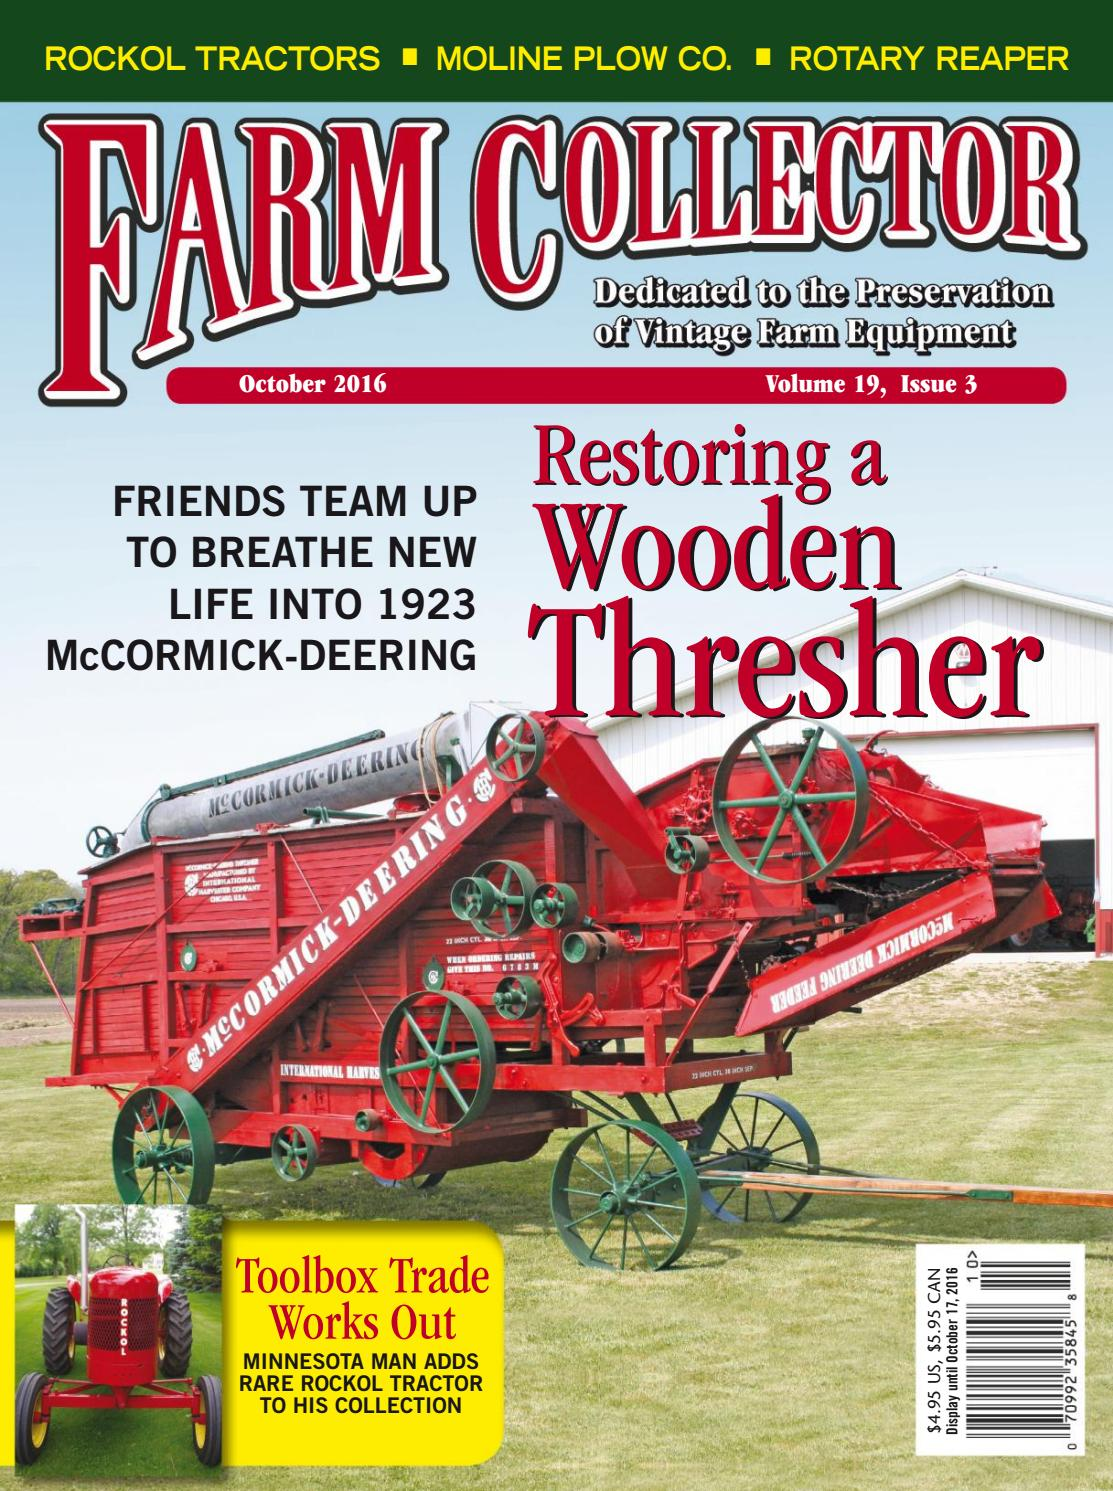 3pt Toplink chain for John Deere 520-730 tractor